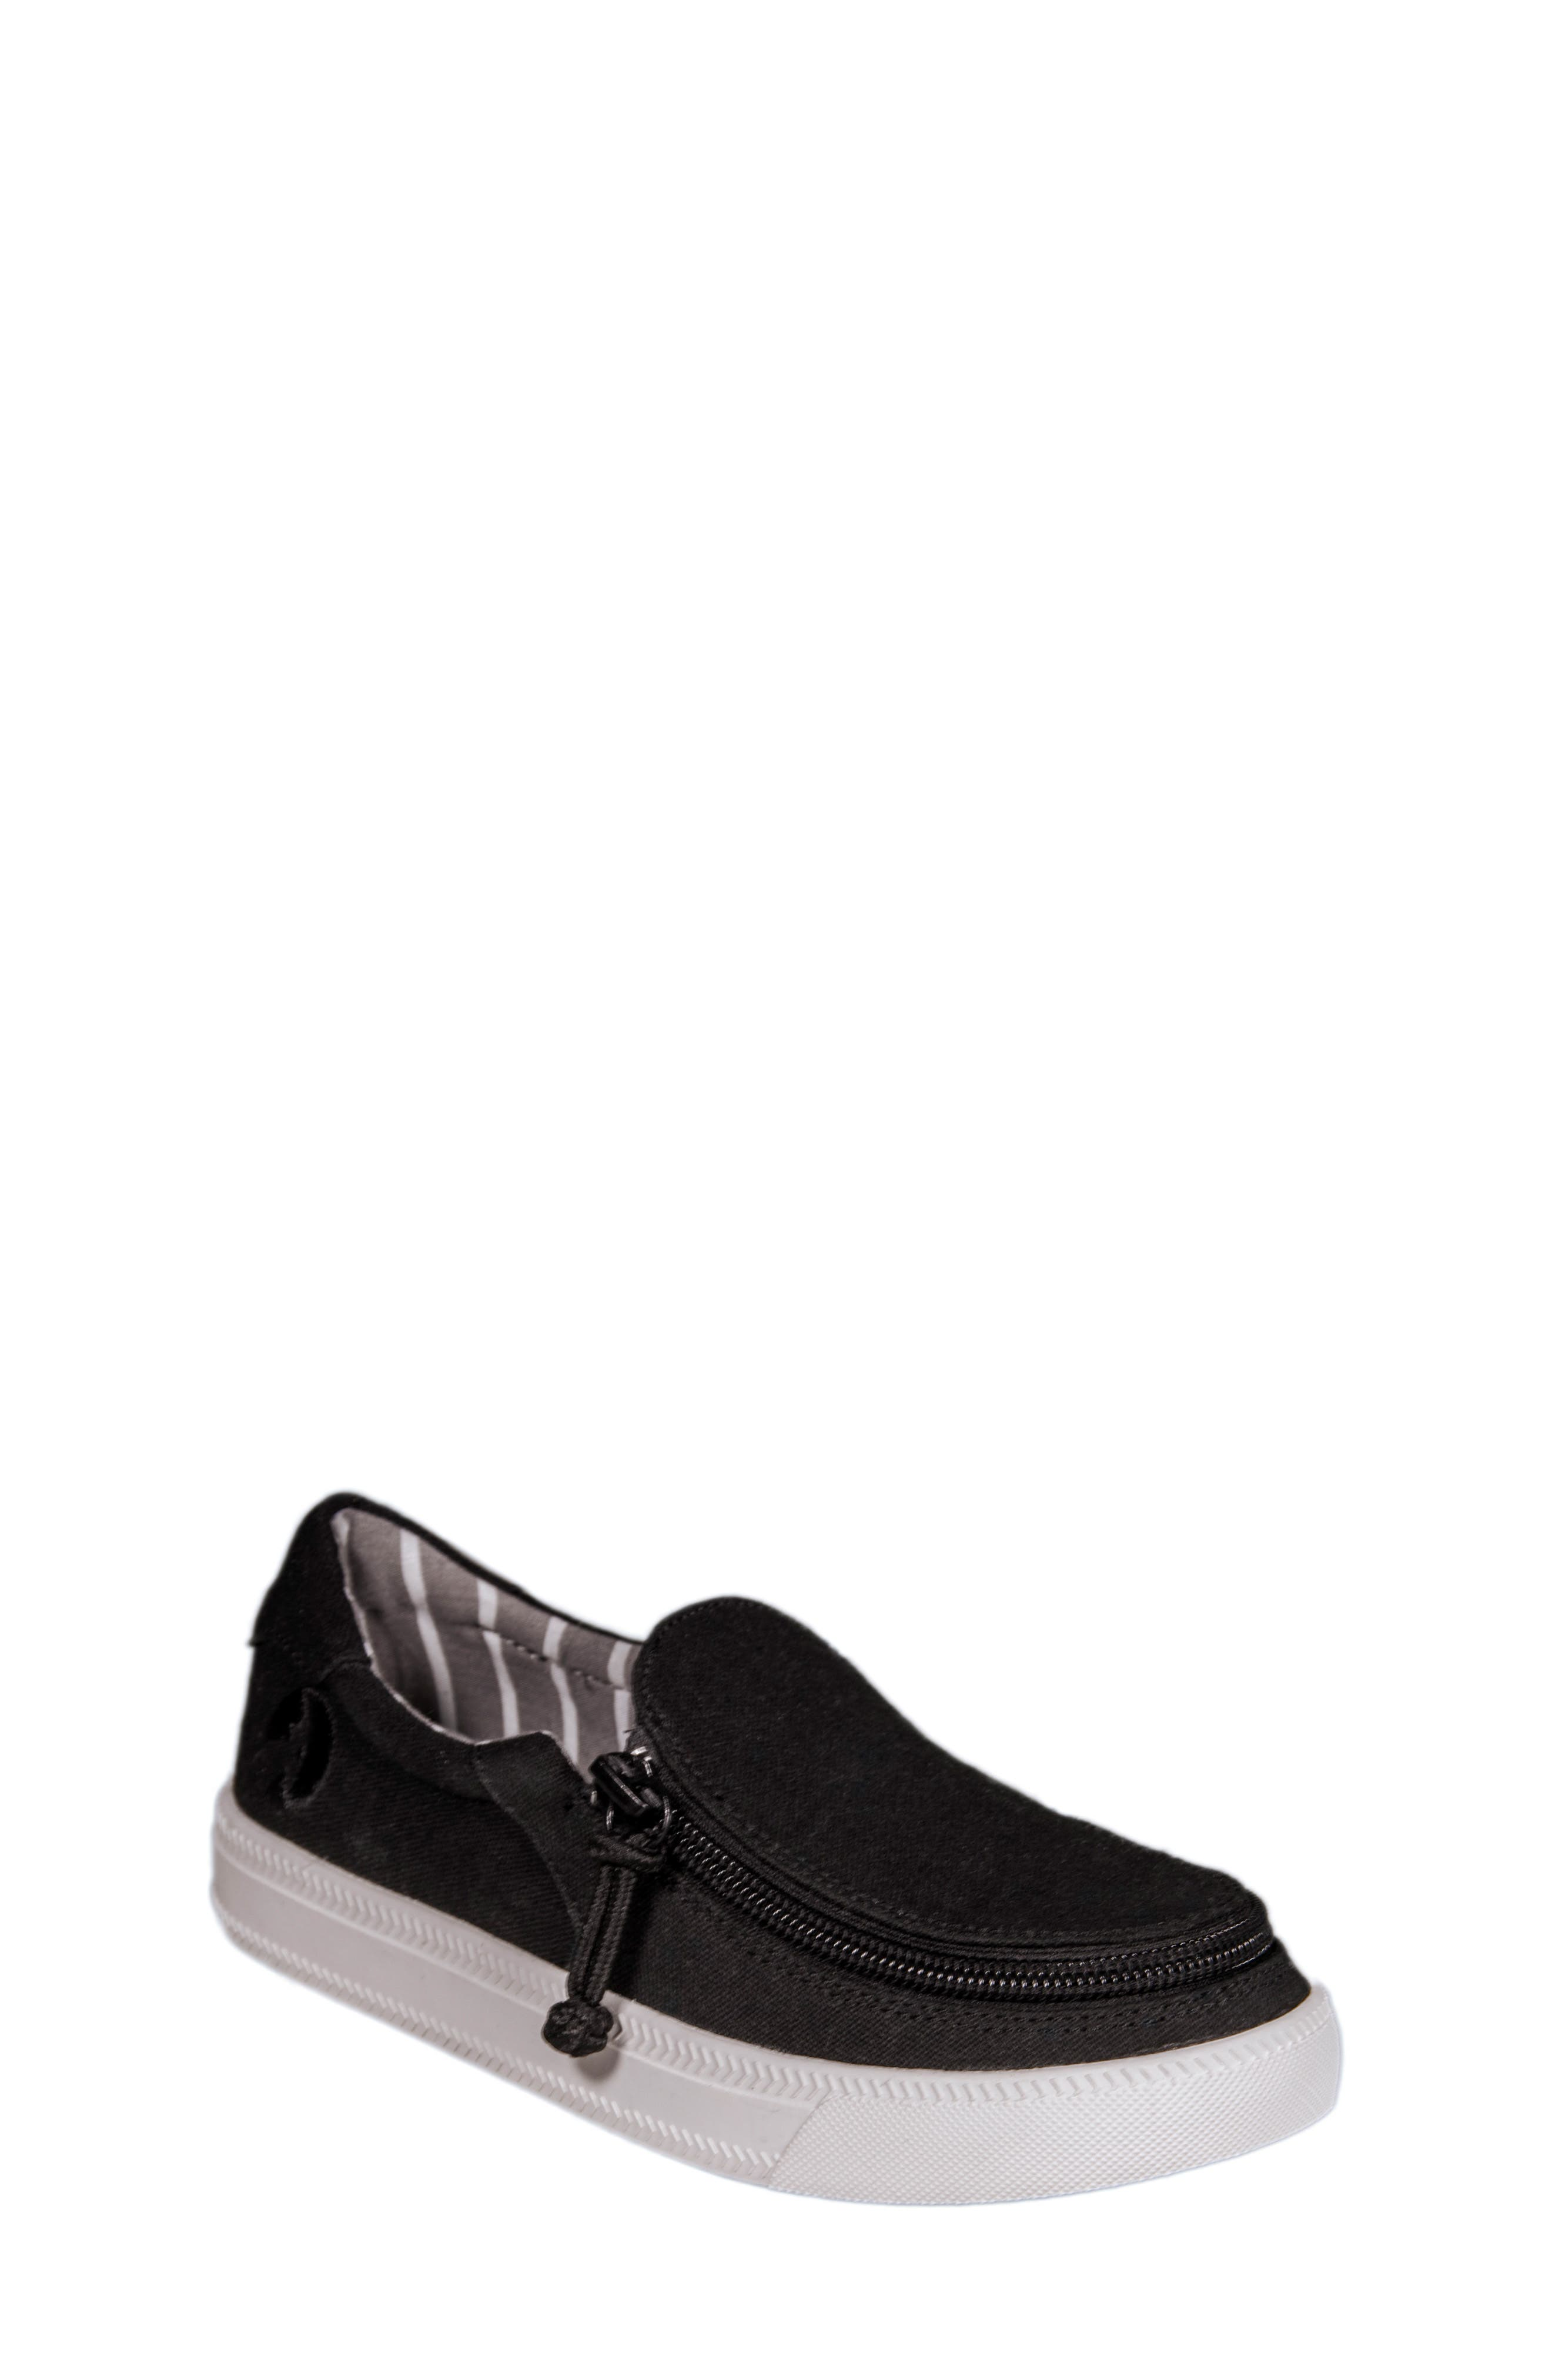 BILLY Footwear Zip Around Low Top Sneaker (Toddler, Little Kid & Big Kid)